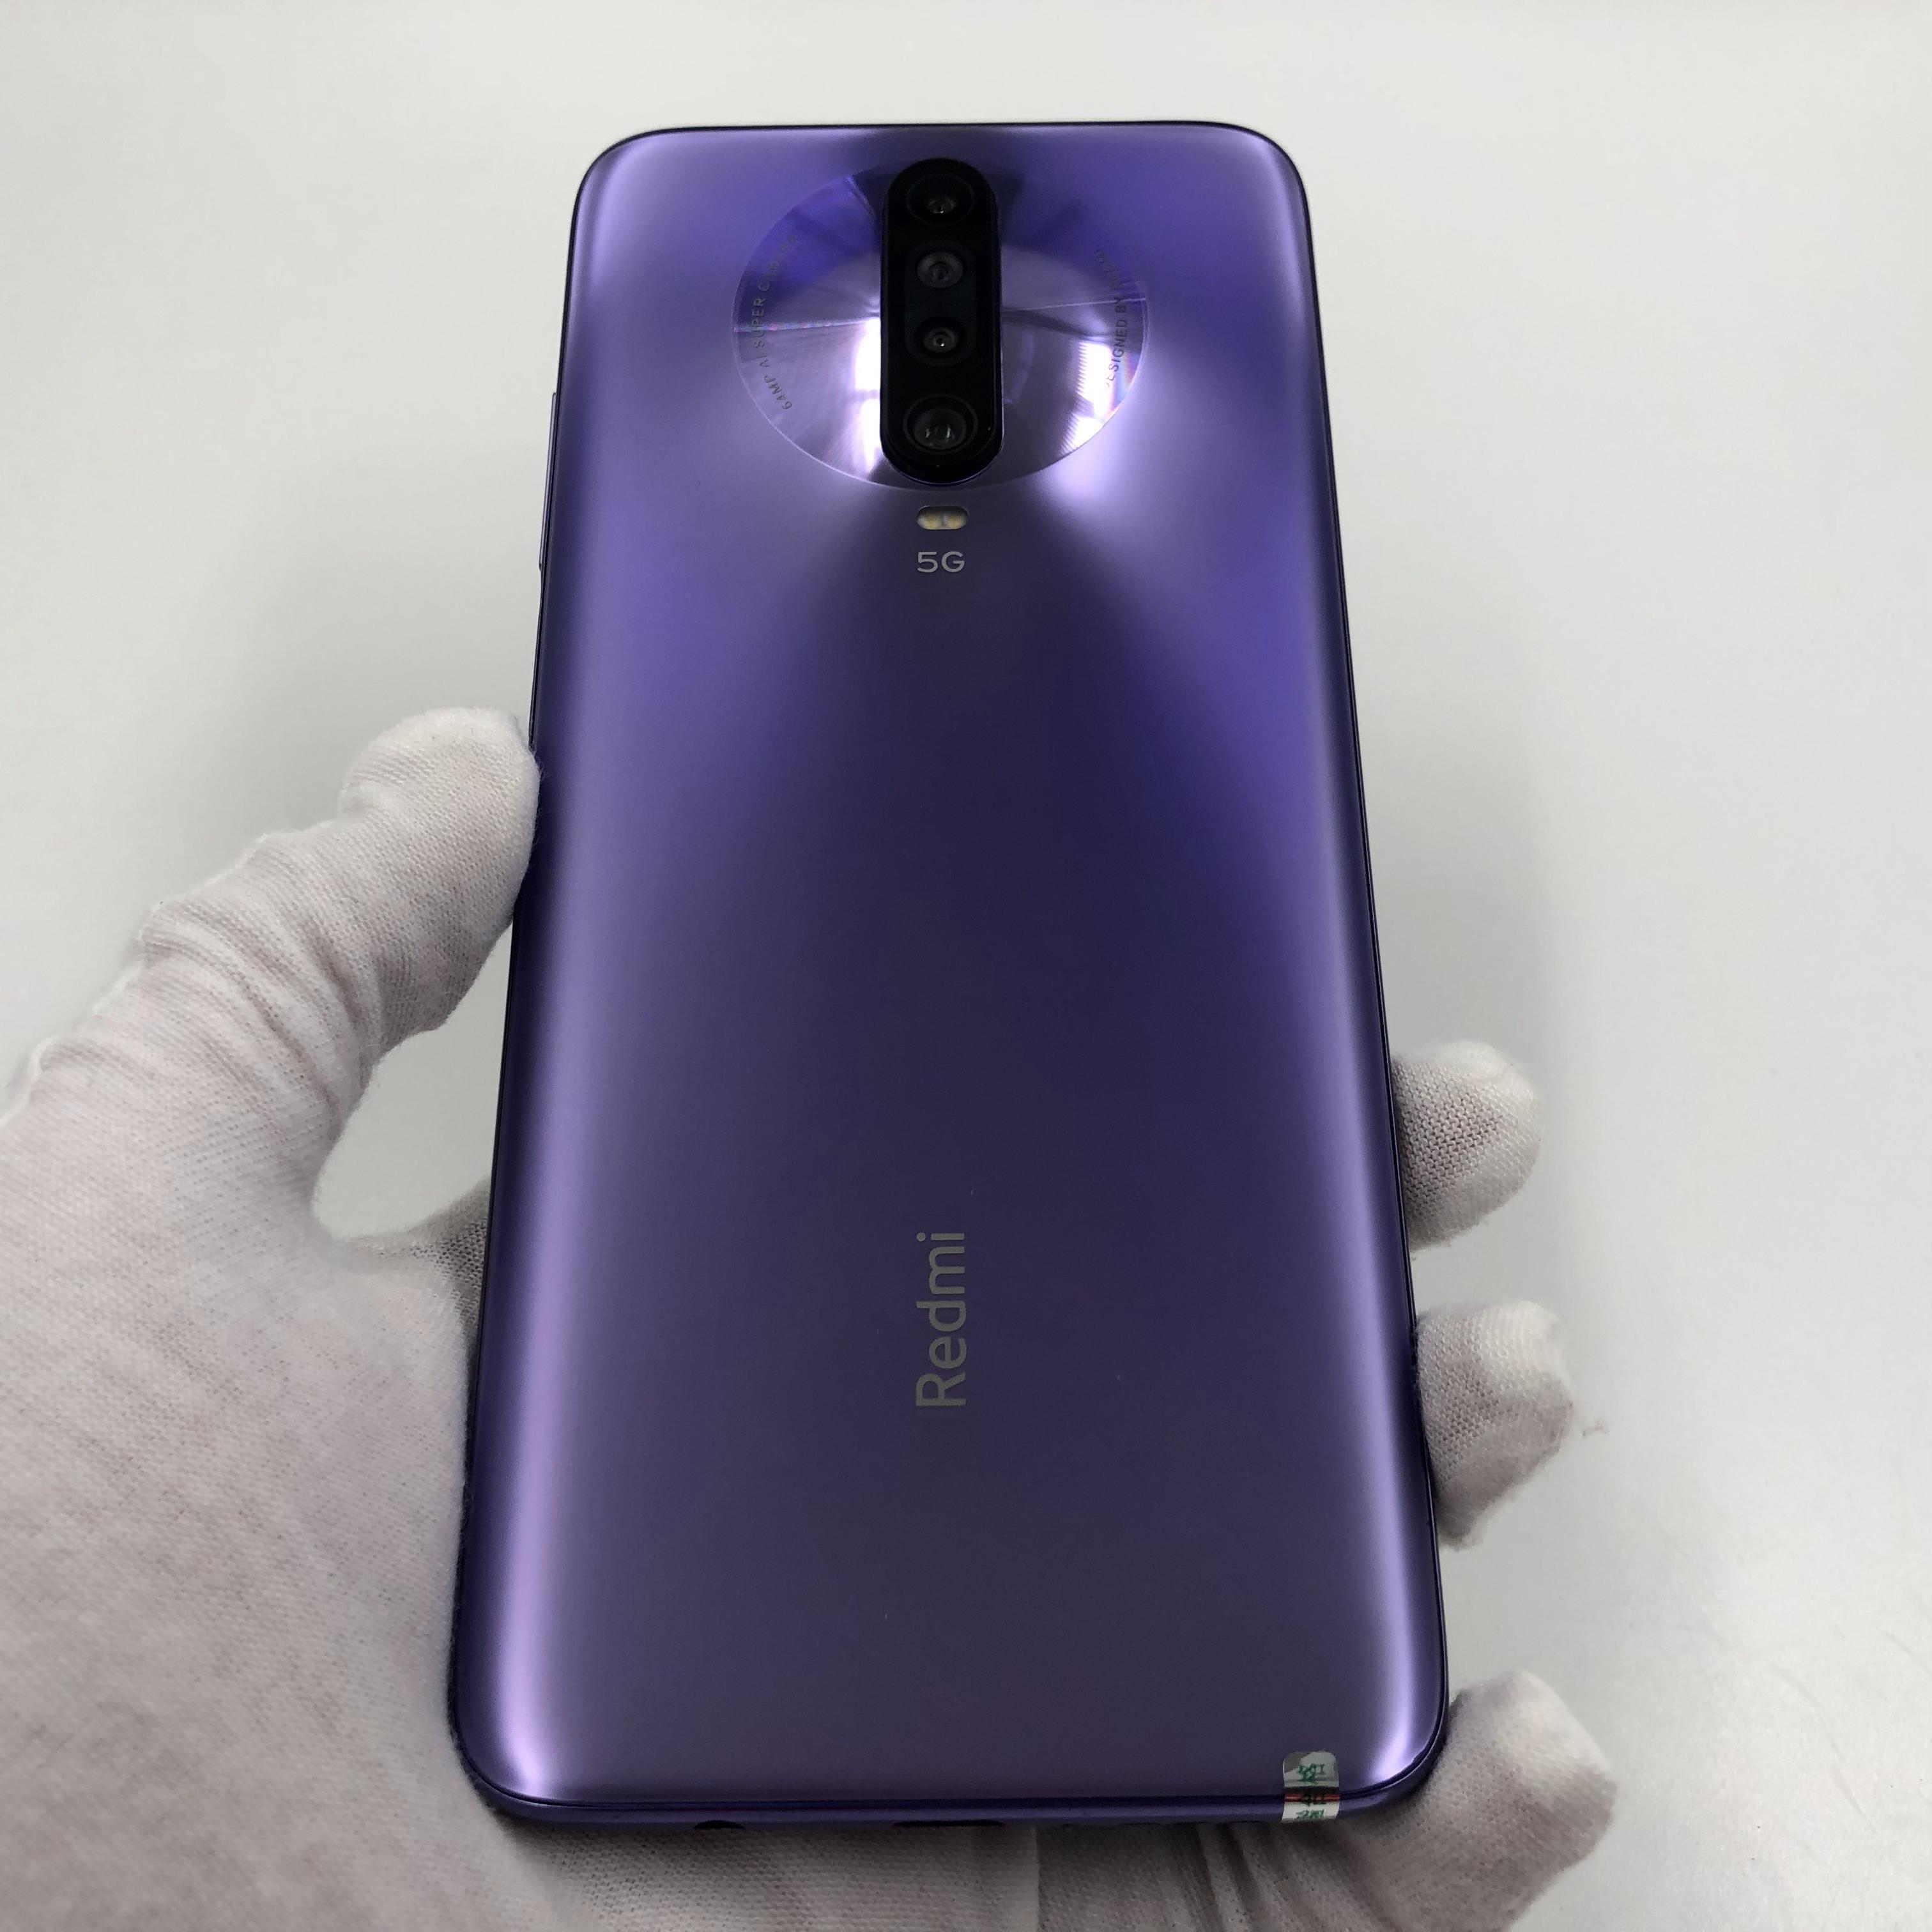 小米【Redmi K30 极速版 5G】5G全网通 紫玉幻境 6G/128G 国行 95新 真机实拍